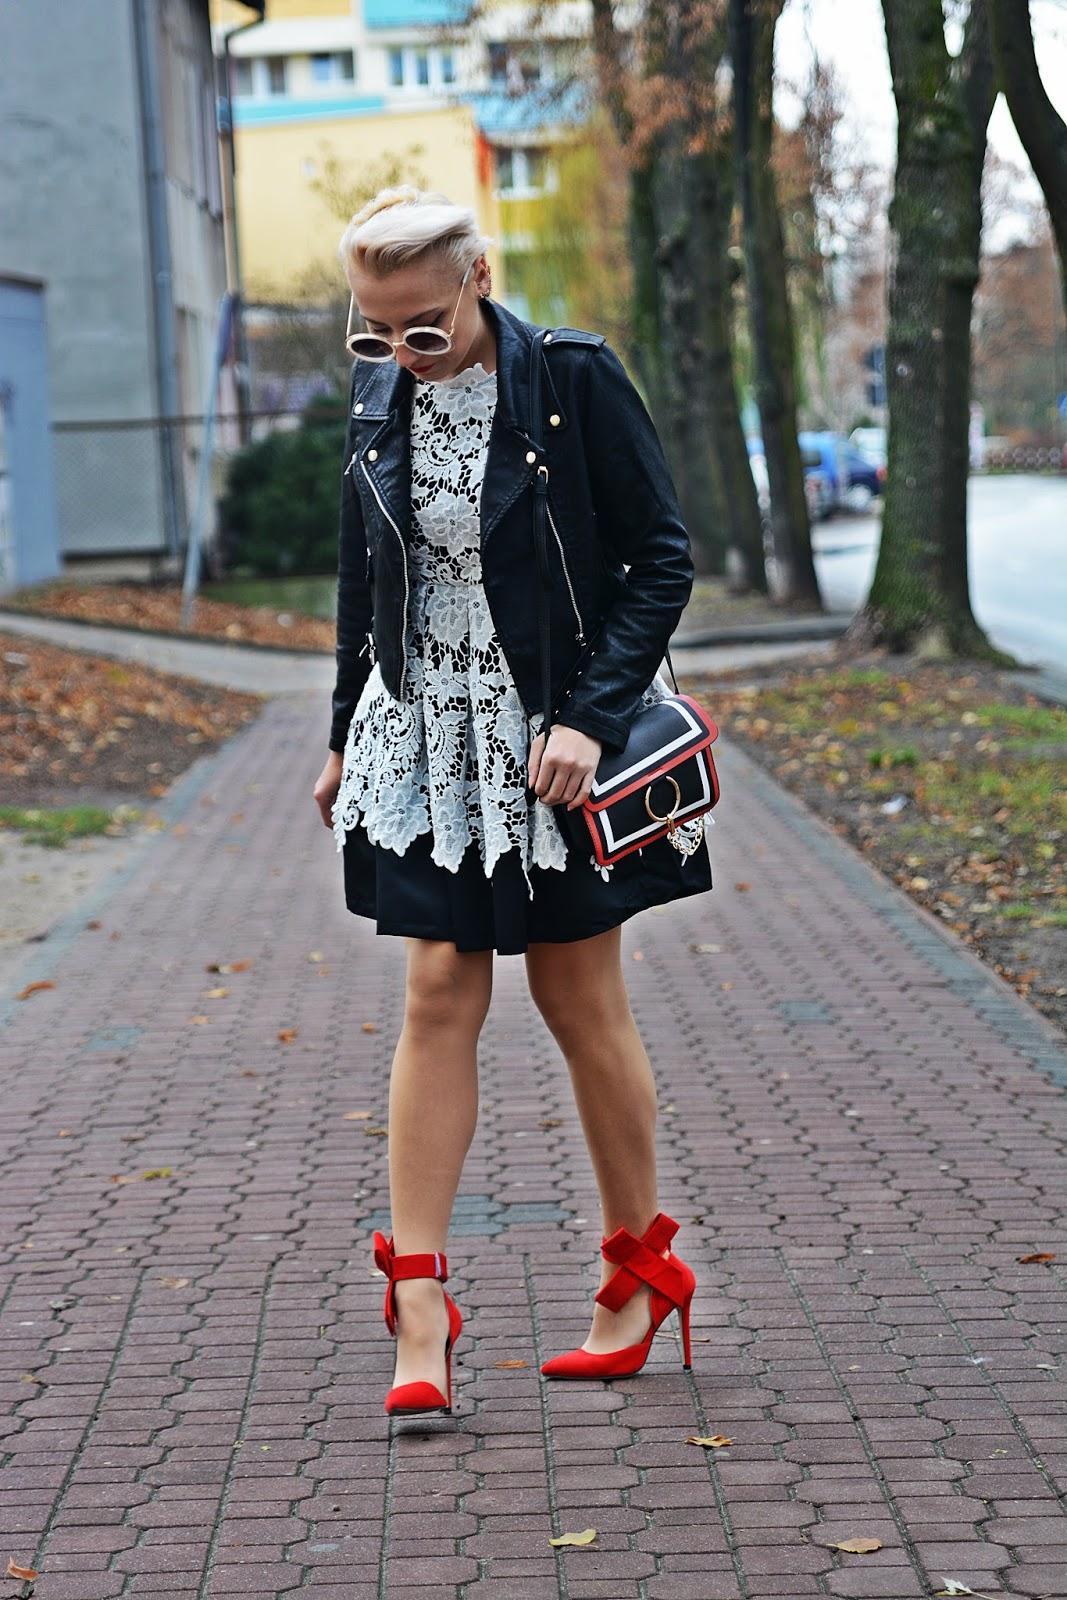 sukienka_koronkowa_czarna_ramoneska_czerwone_szpilki3